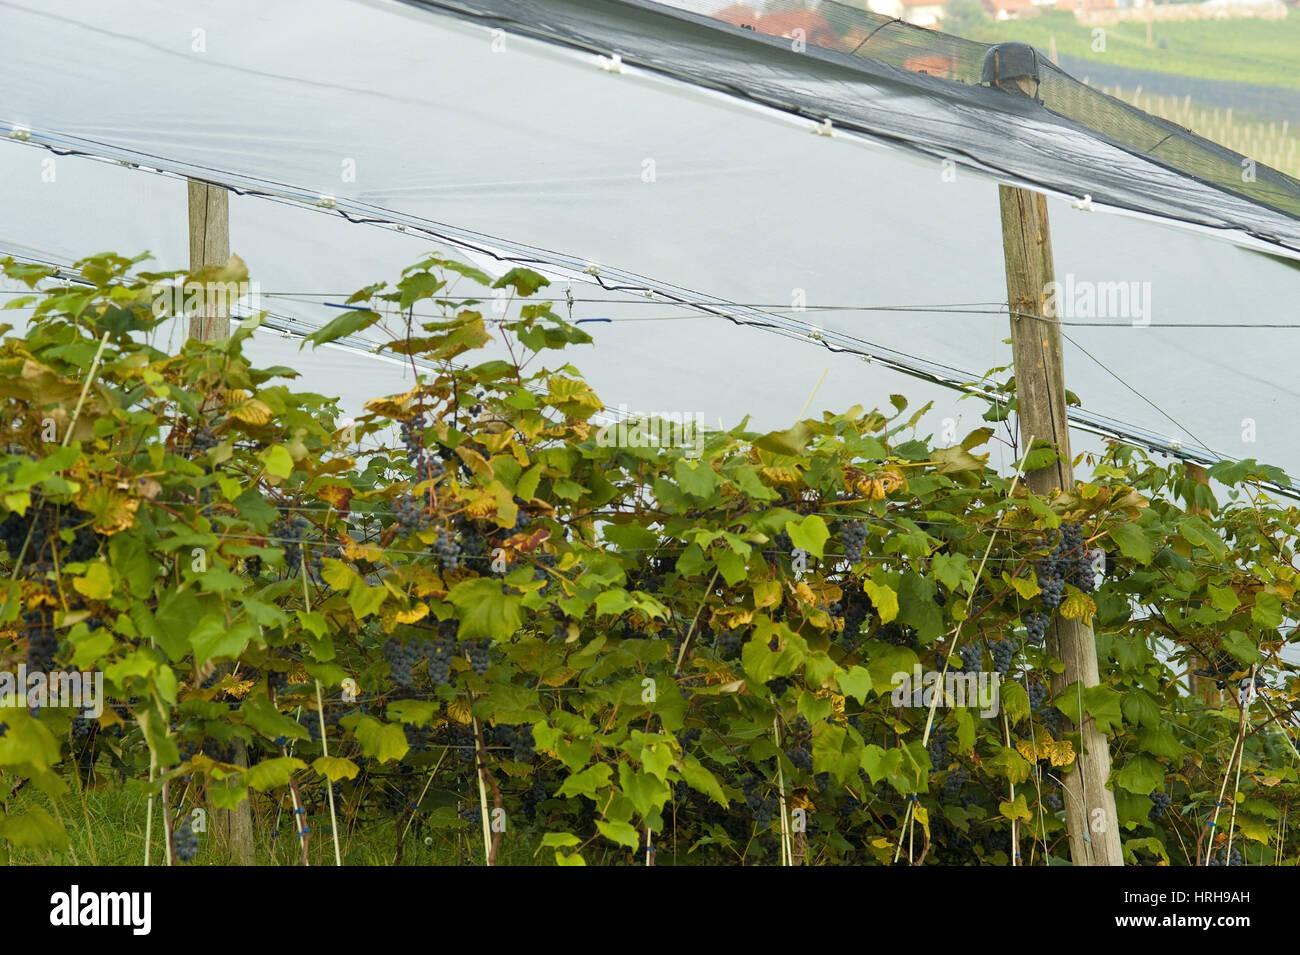 Weinstock mit Hagelnetz - grapevine with hail net Stock Photo